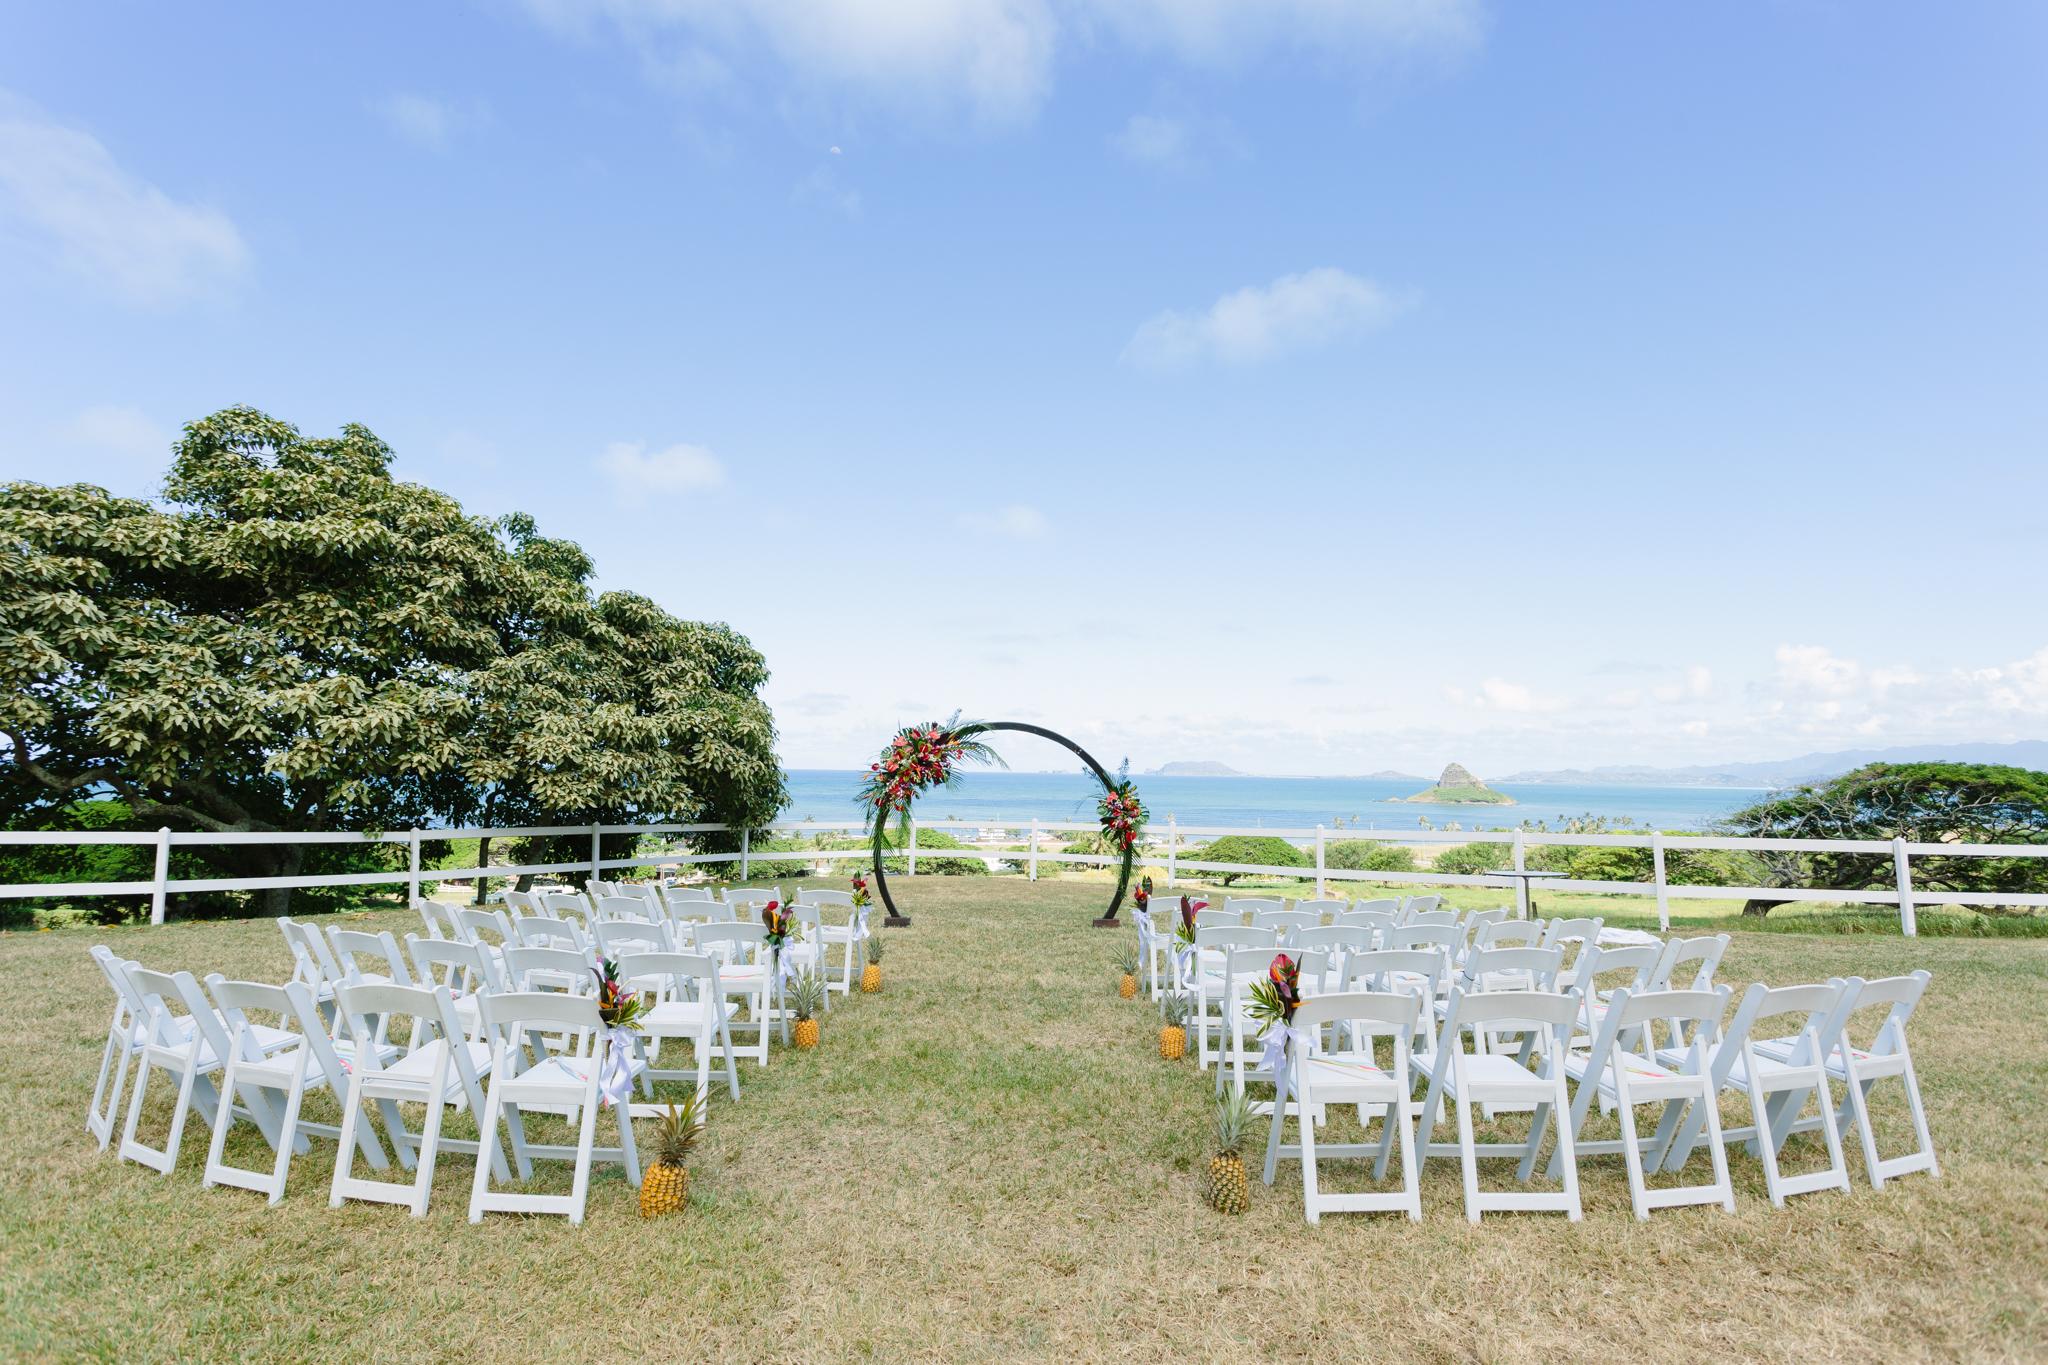 kualoa_ranch_wedding_photography_tone_hawaii-45.jpg